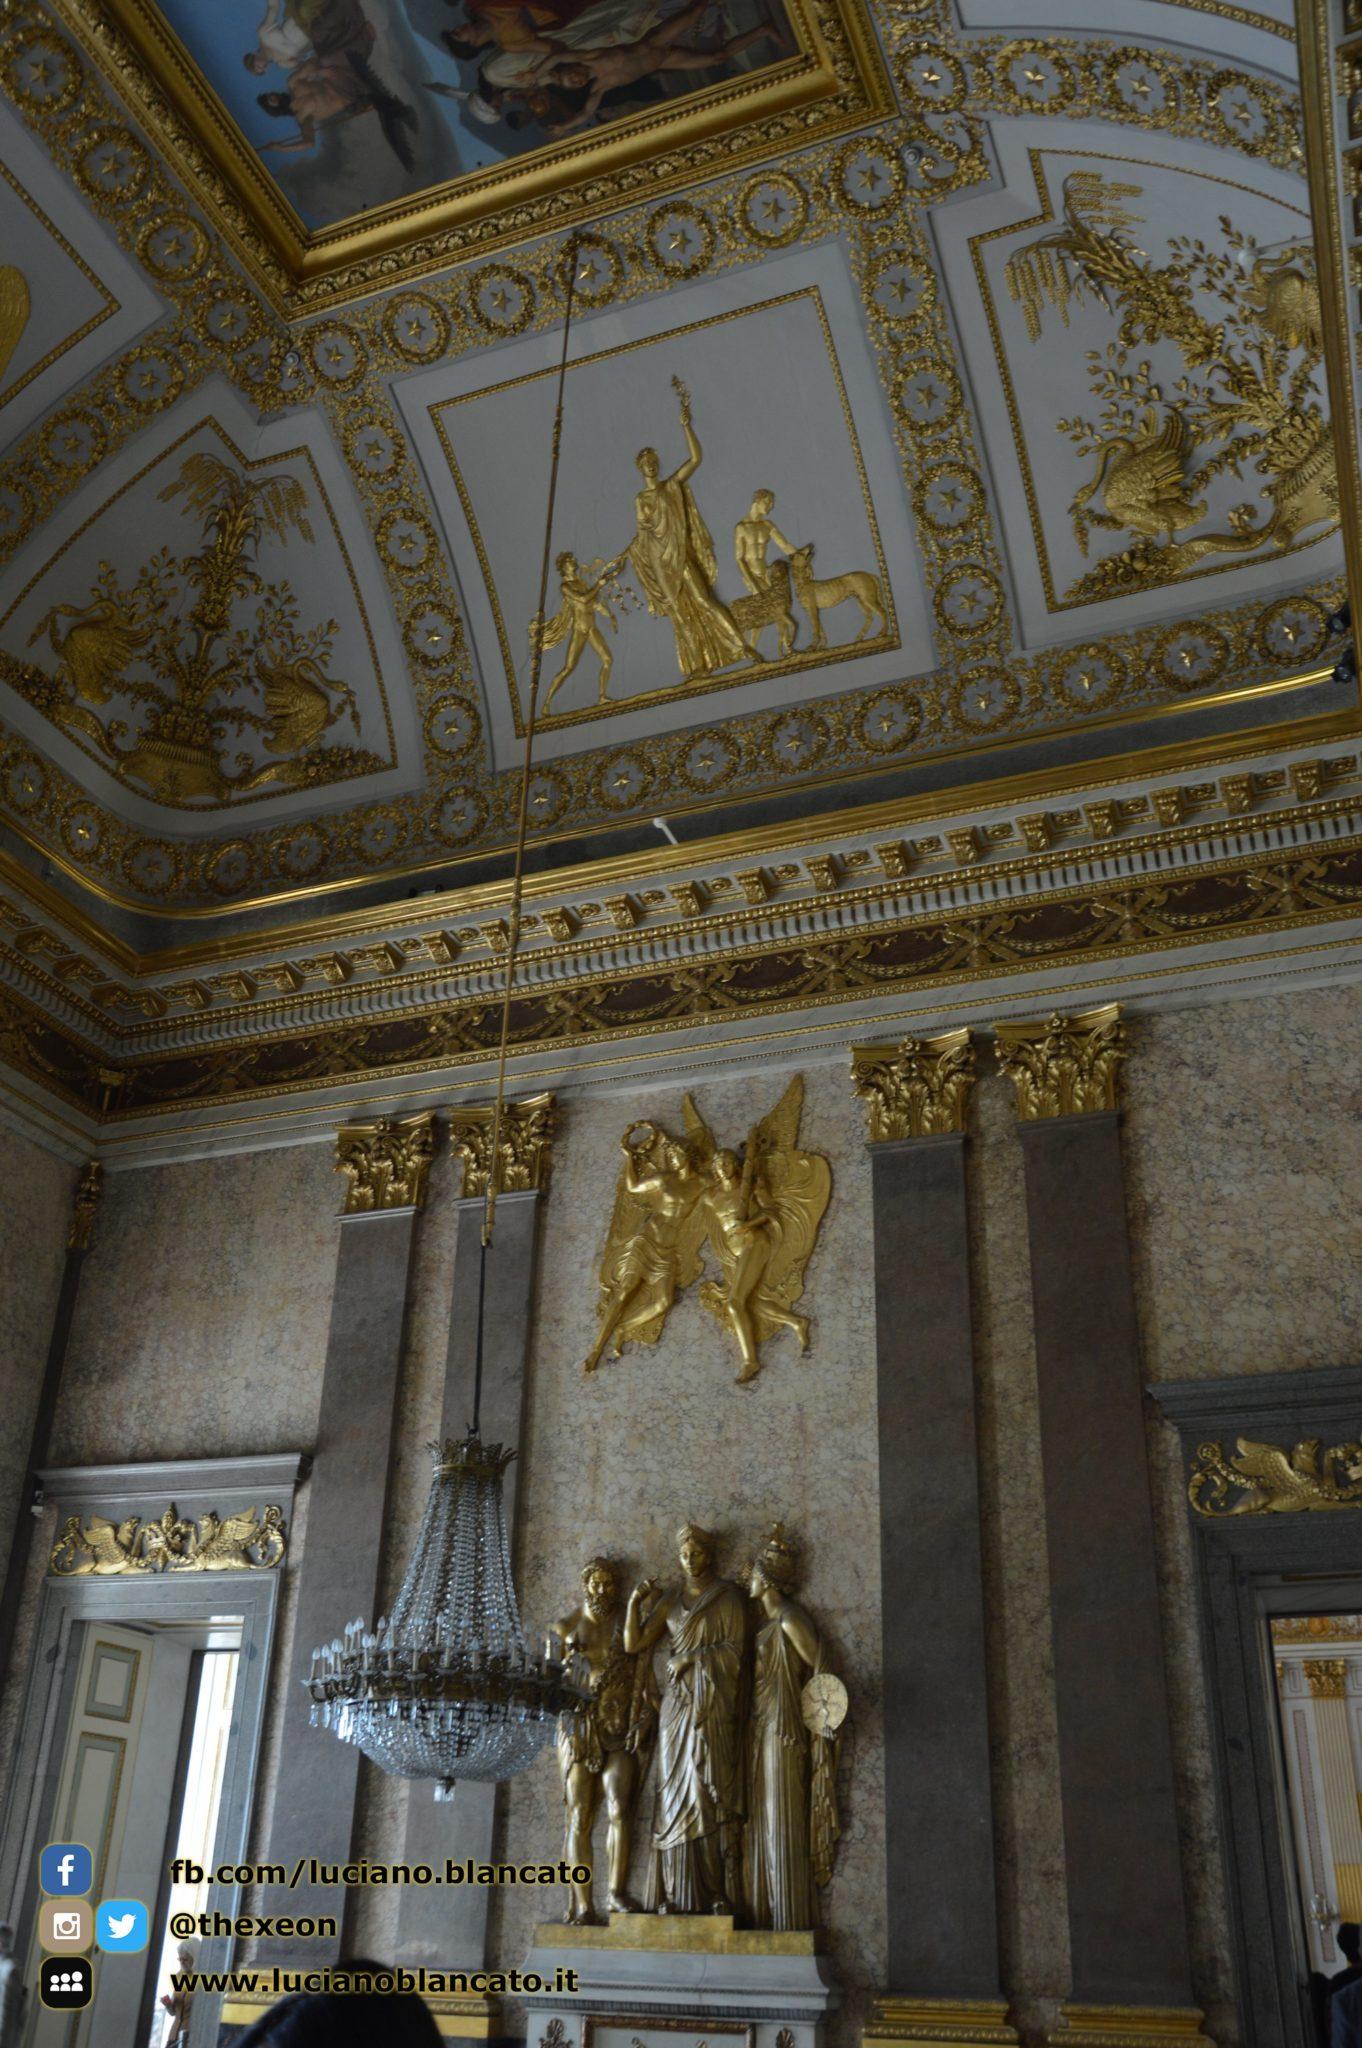 Reggia di Caserta - Appartamenti reali - statue